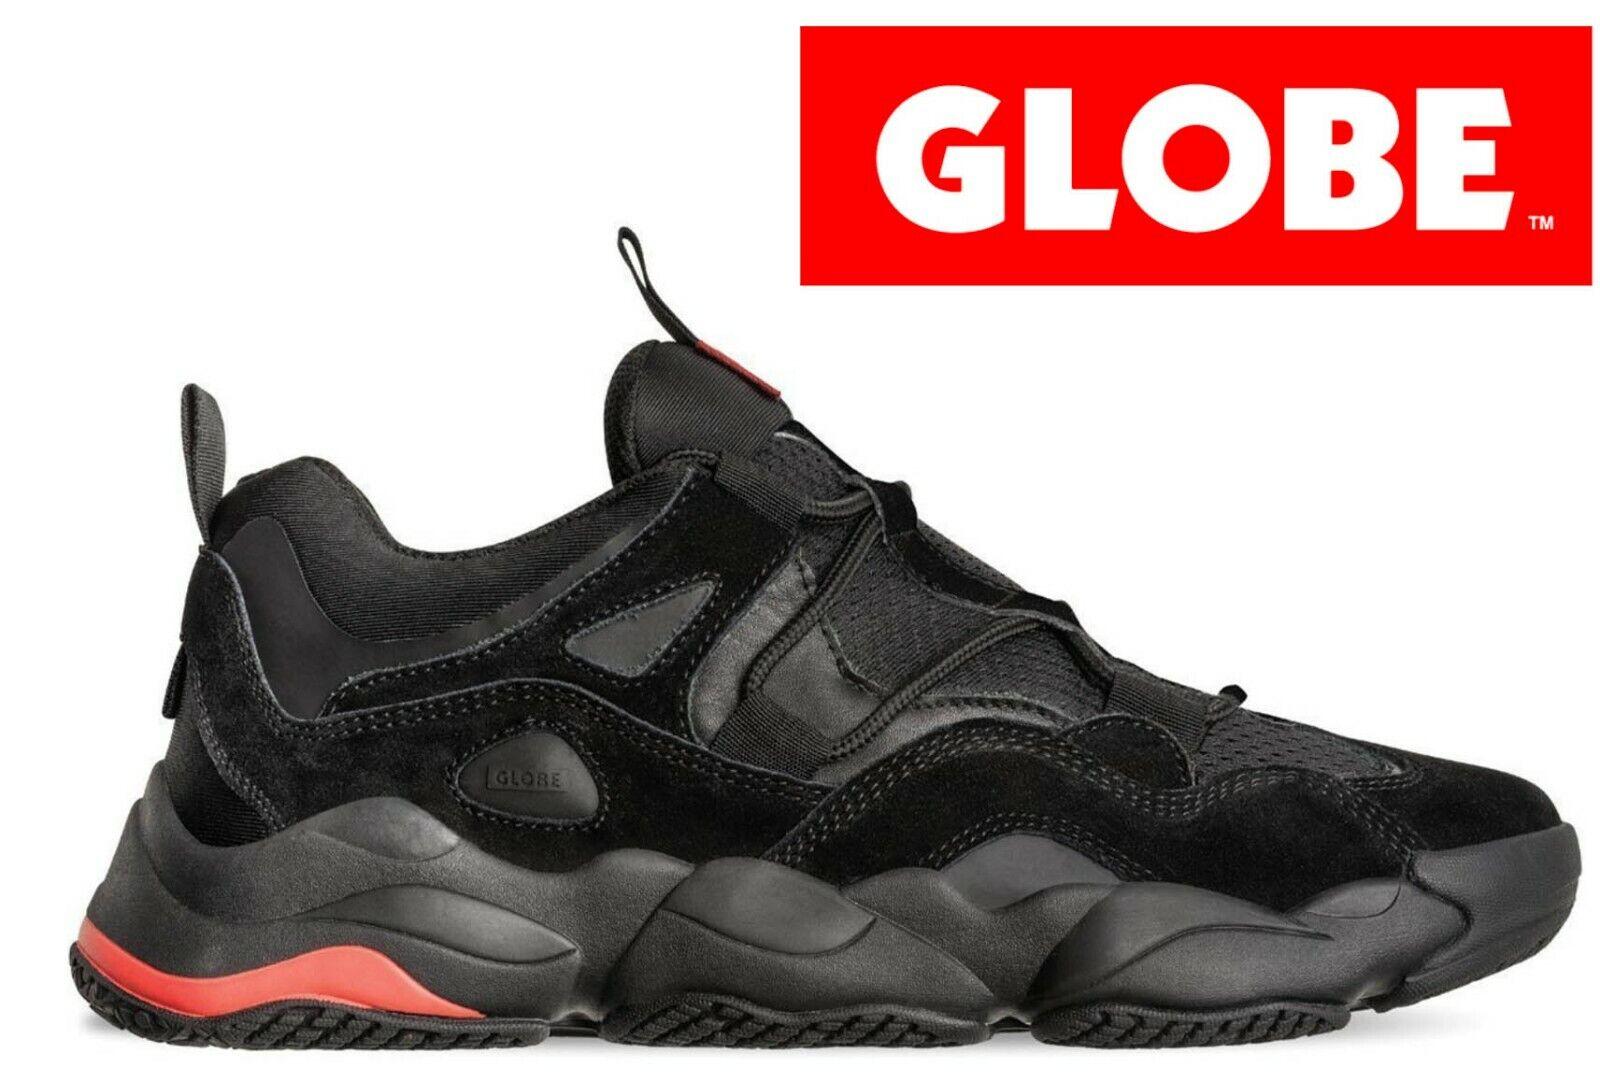 Globe-opción Evo-NEGRO-Zapatos para hombre-Talla UK7-UK12 (EU40.5-EU47)